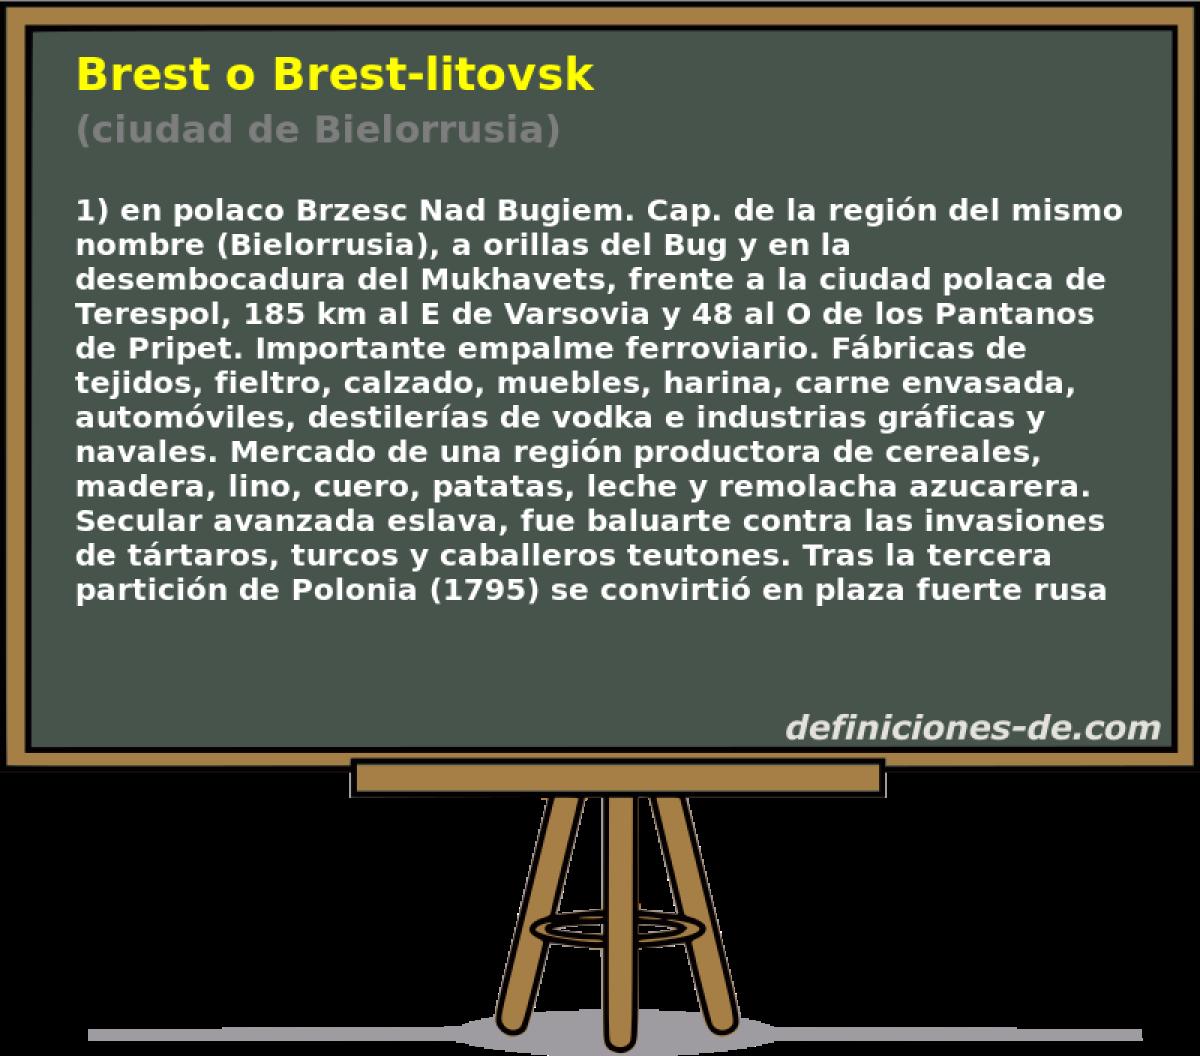 Qué significa Brest o Brest-litovsk (ciudad de Bielorrusia)?